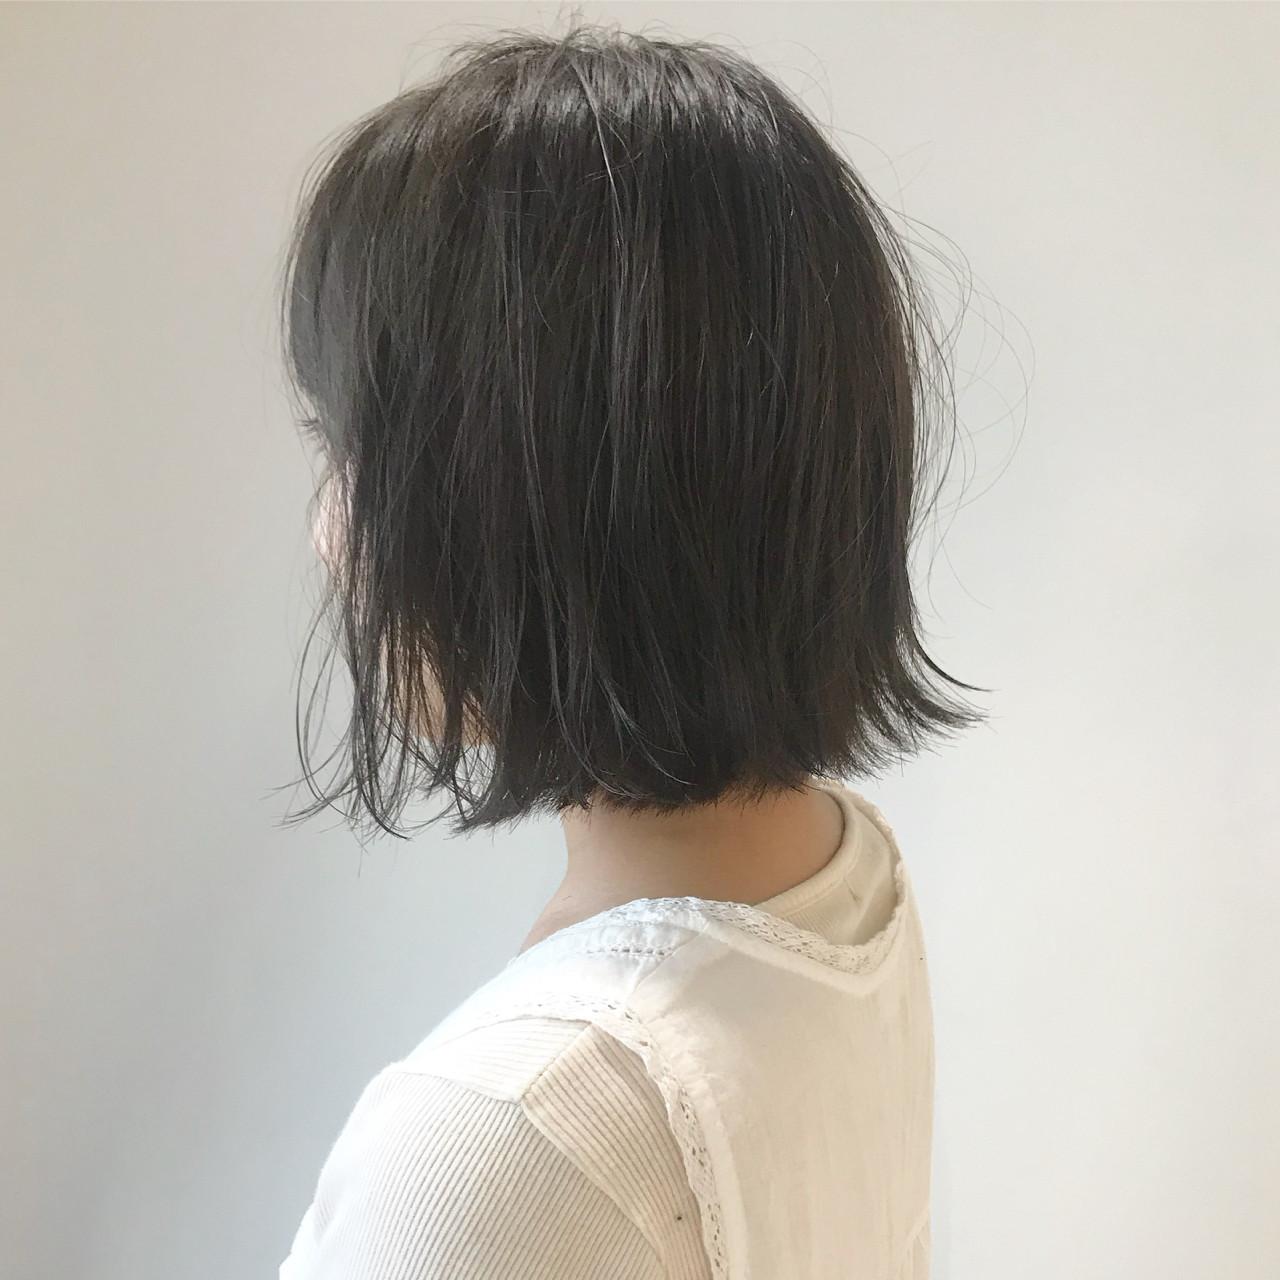 ナチュラル グレージュ アッシュグレー ベージュ ヘアスタイルや髪型の写真・画像